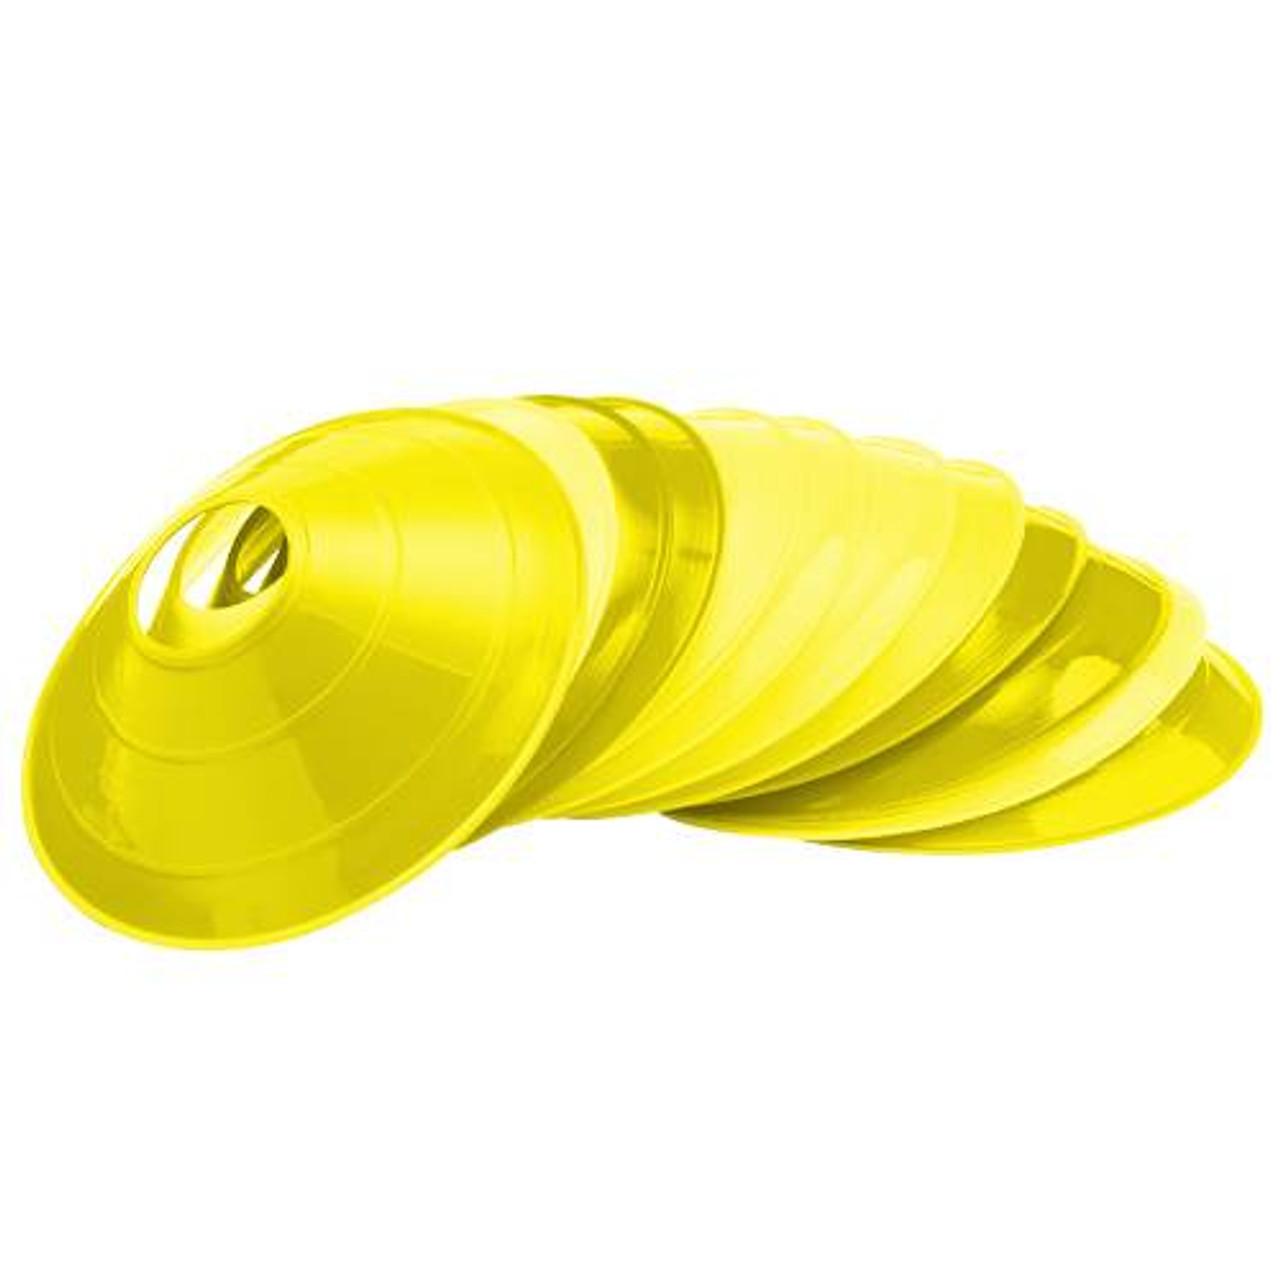 Yellow Low Profile Cones - Dozen